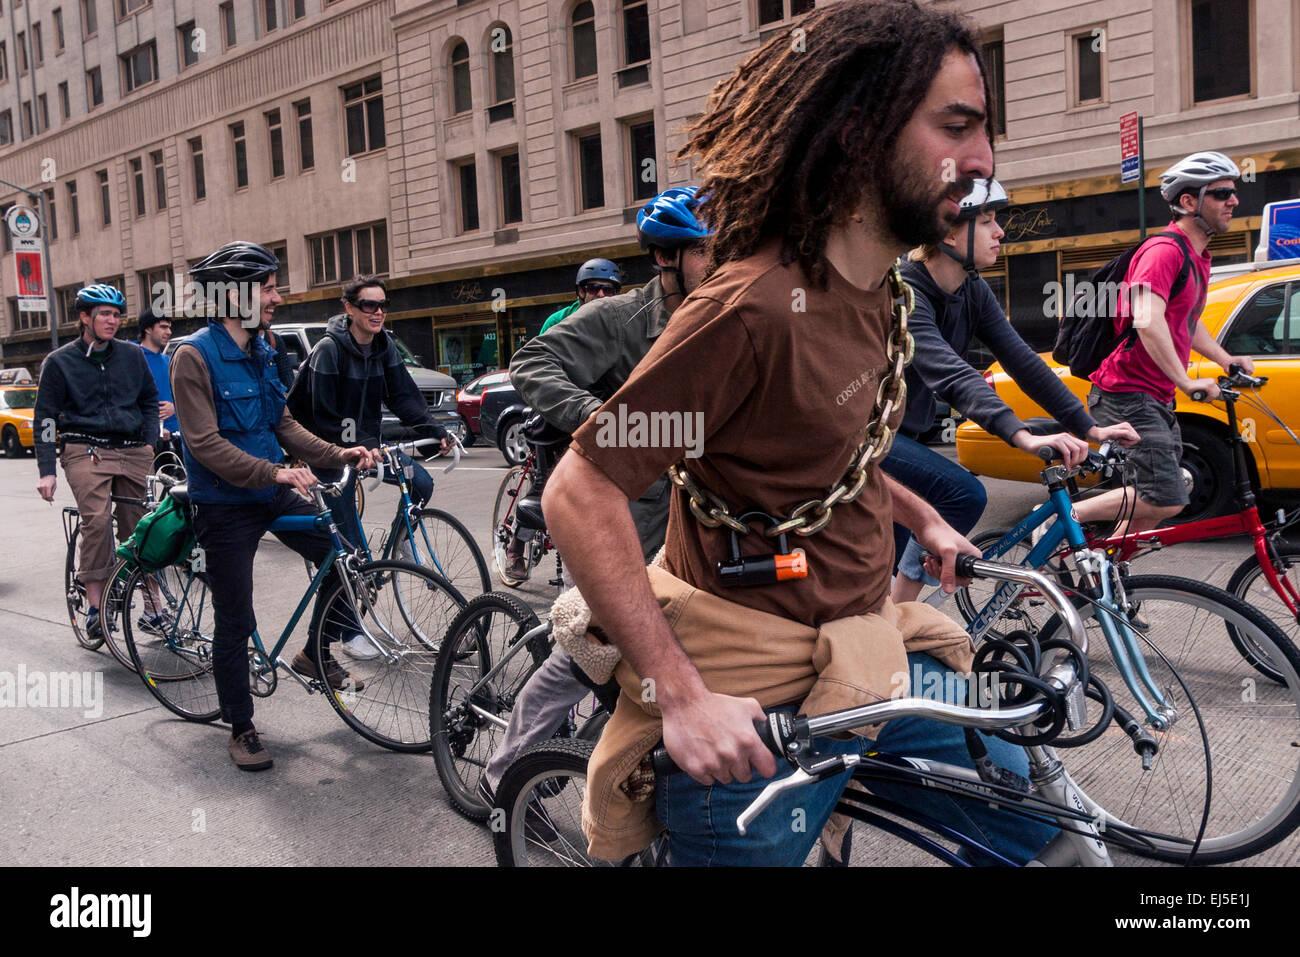 New York, NY 21 avril 2008 - Les membres de la groupe de défense de l'environnement, Times-Up, jour de Photo Stock